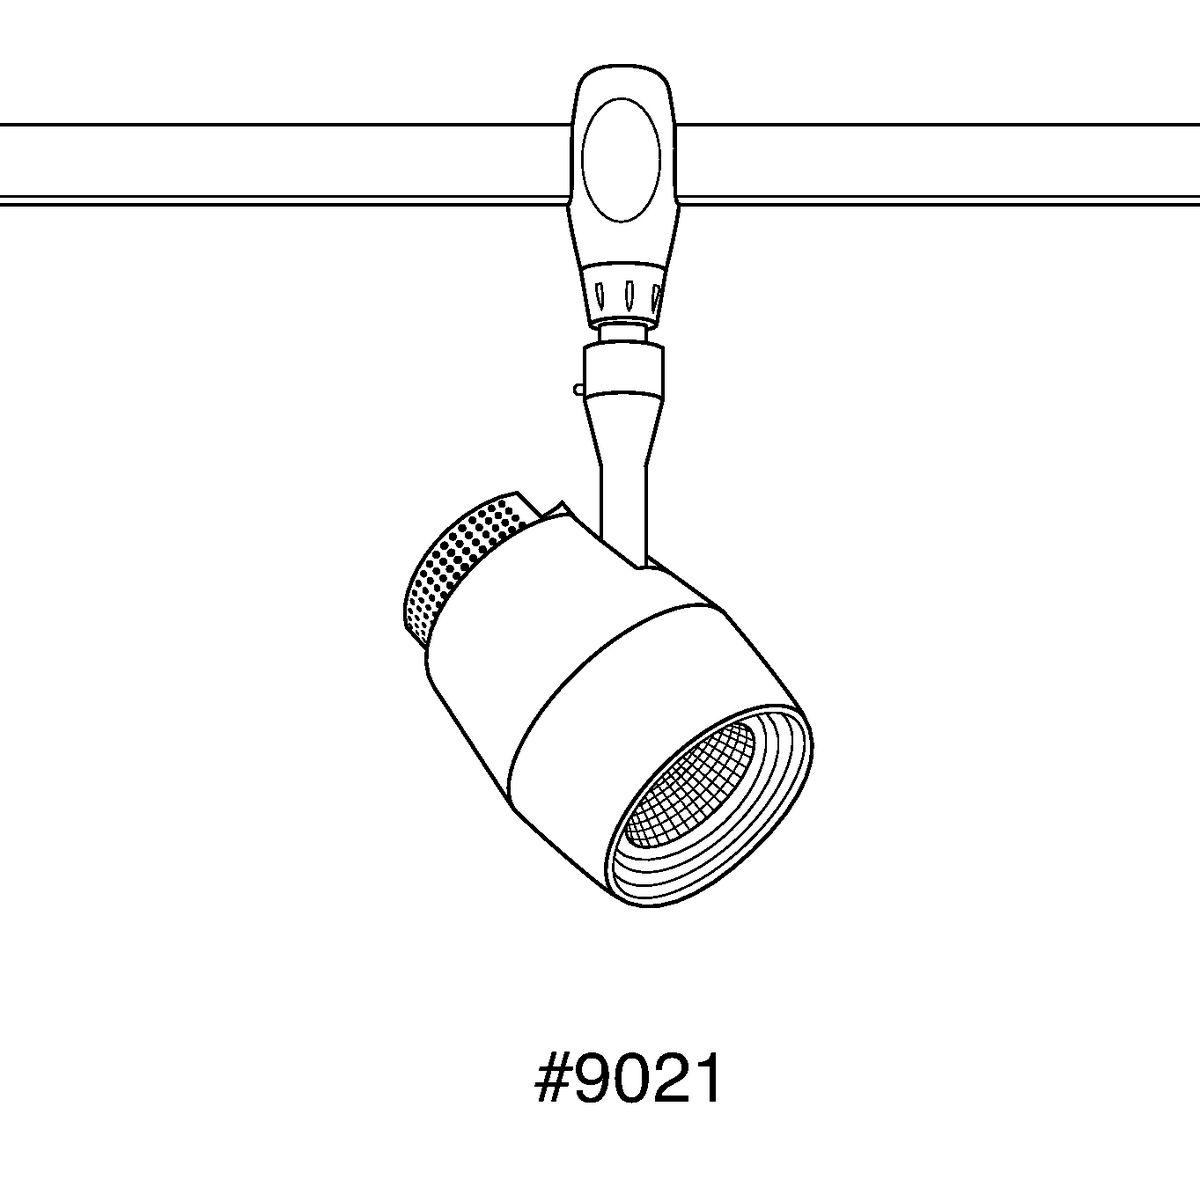 Image of: Led Flex Track Med Flex Head Mesh Design Track Lighting P9021 09 27k9 Progress Lighting